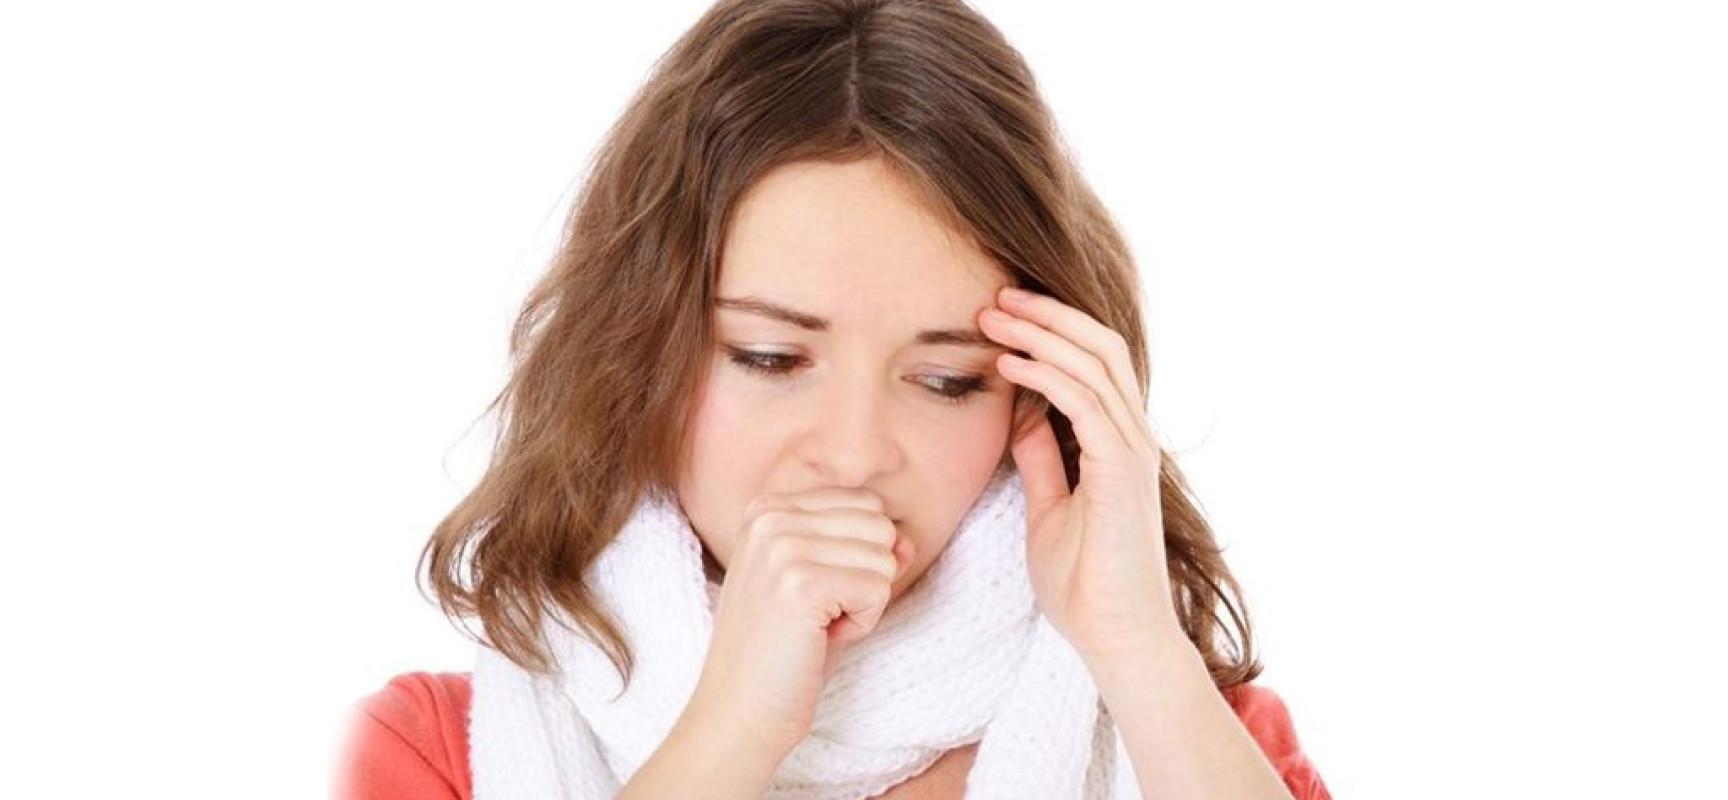 Хронический тонзиллит лечение в домашних условиях у взрослых